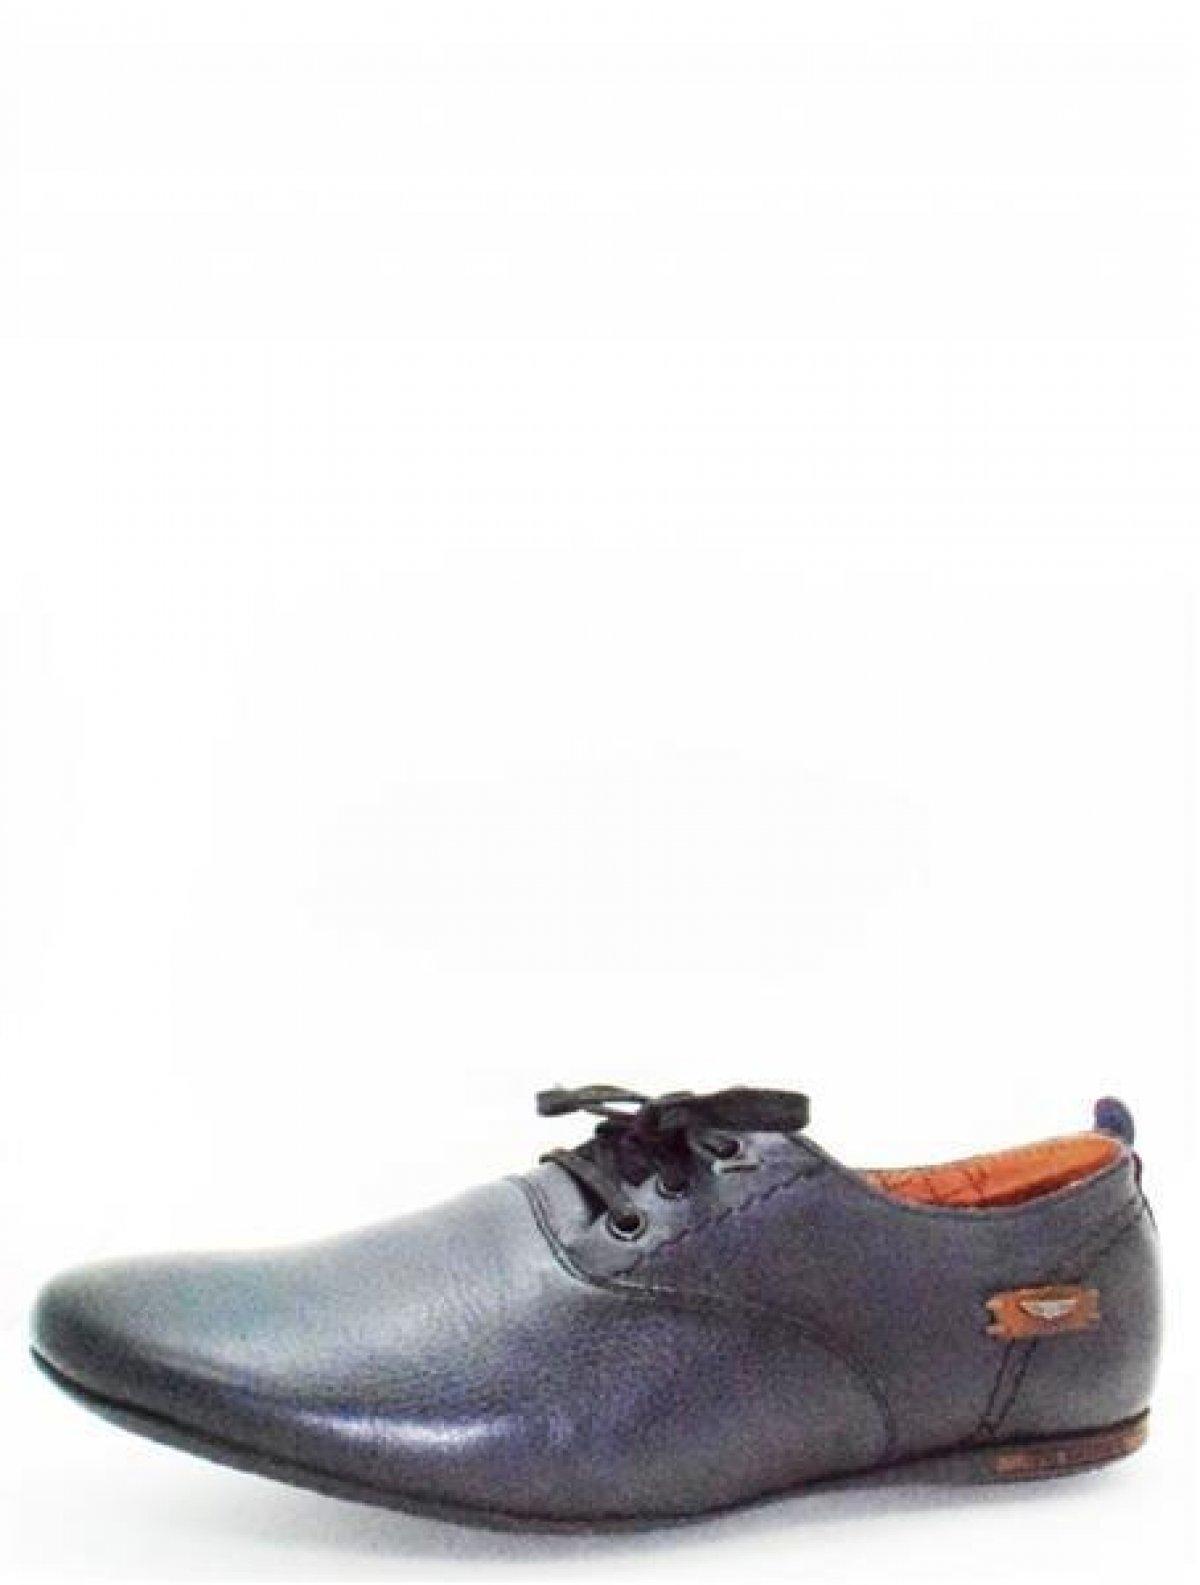 617823-5 туфли мужские